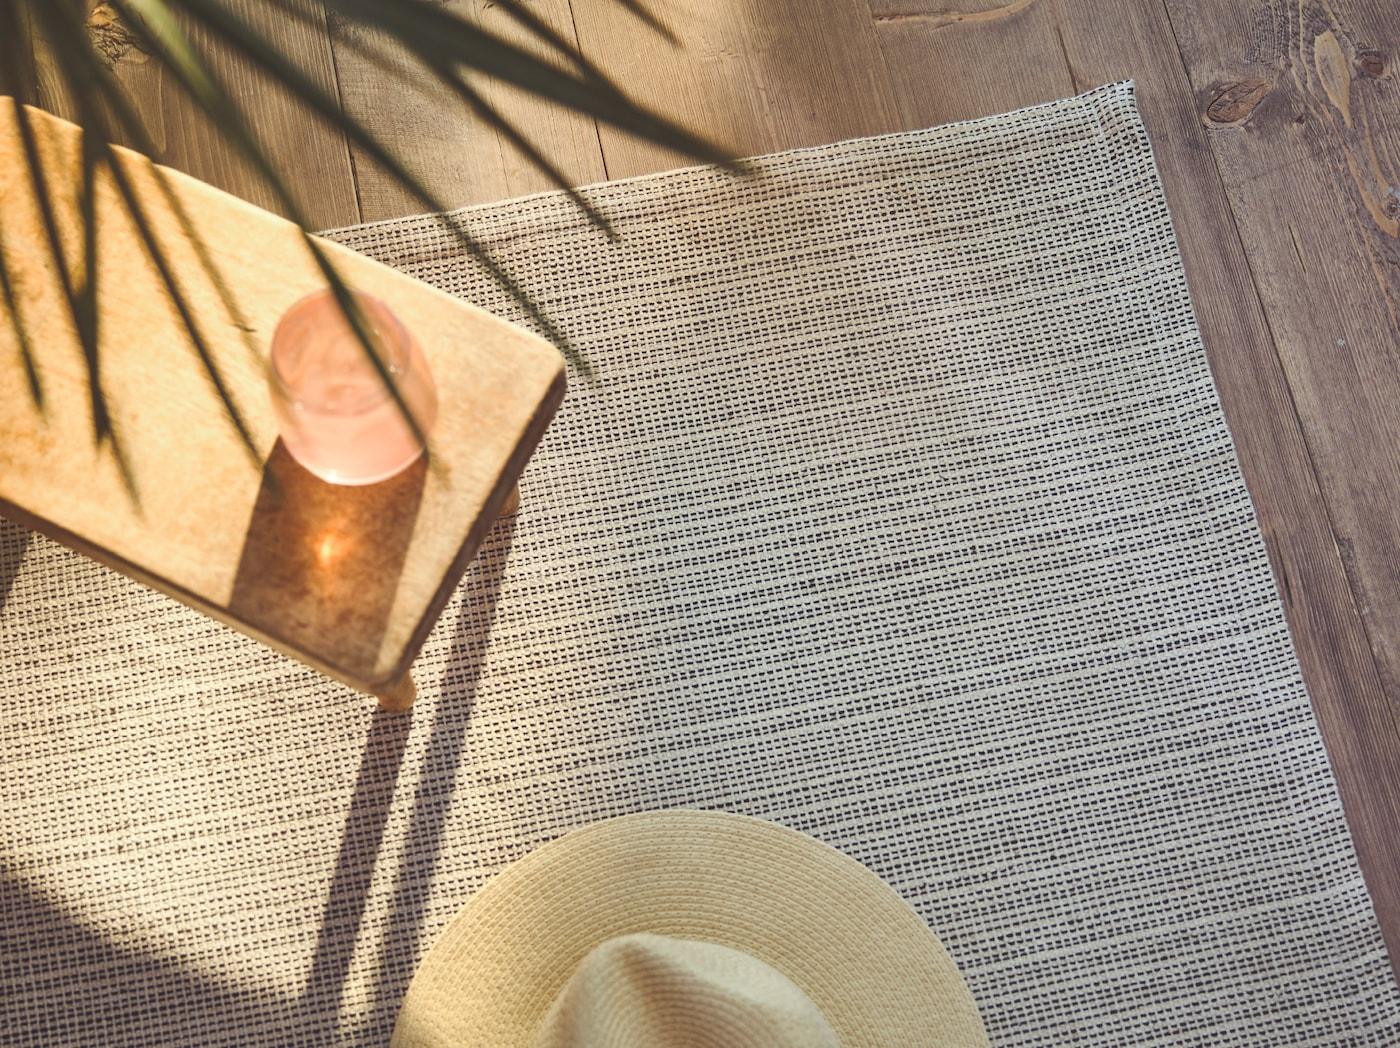 Plano do tapete TIPHEDE de tecelagem plana com uma mesa de apoio e um chapéu tipo Panamá por cima, enquanto a luz do sol entra num dos lados.